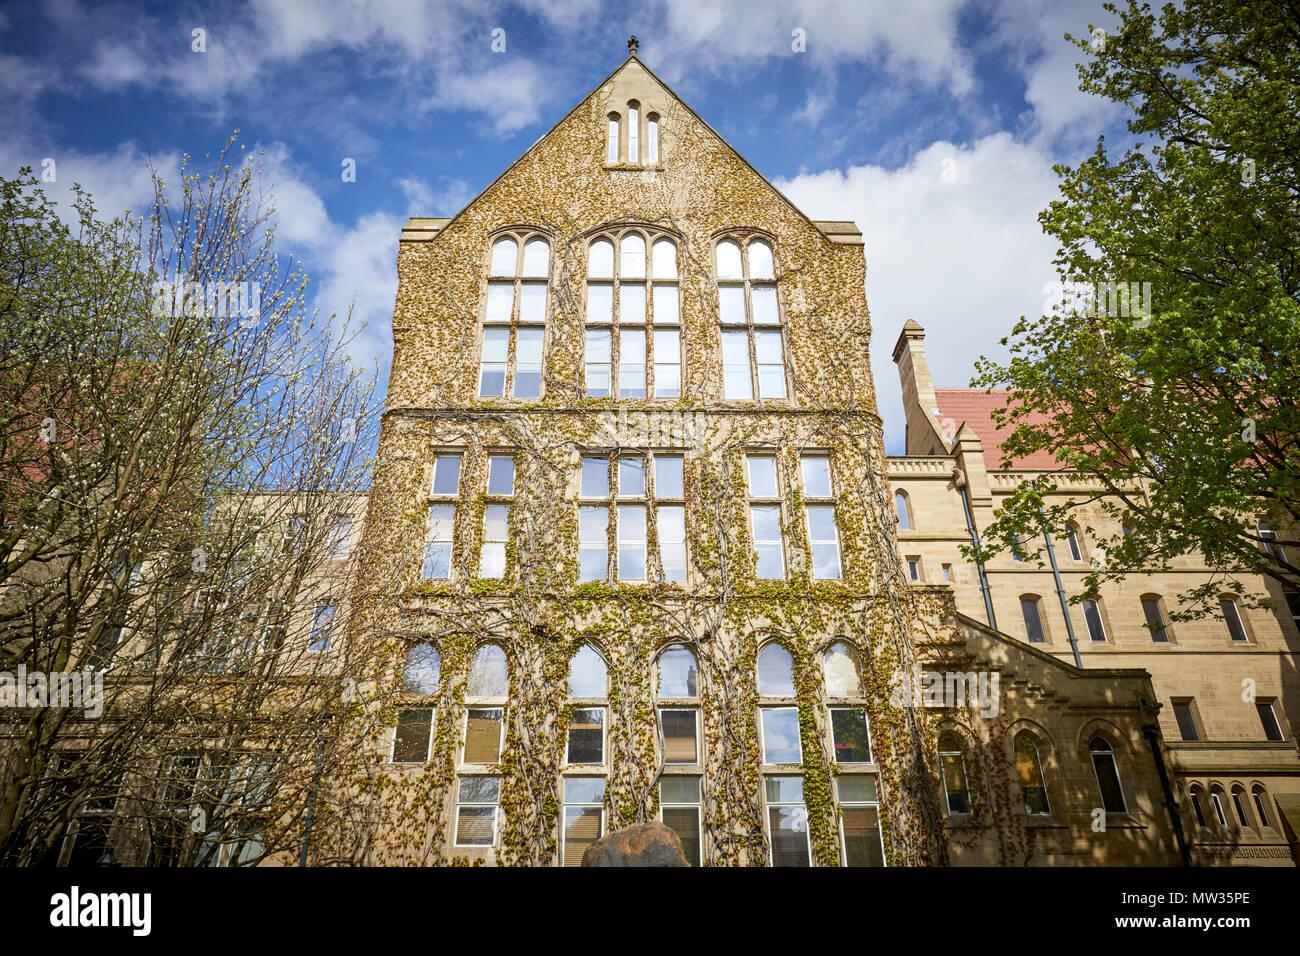 Universität Manchester Beyer Gebäude im alten Viereck traditionelle ältere Sandsteingebäude Stockfoto